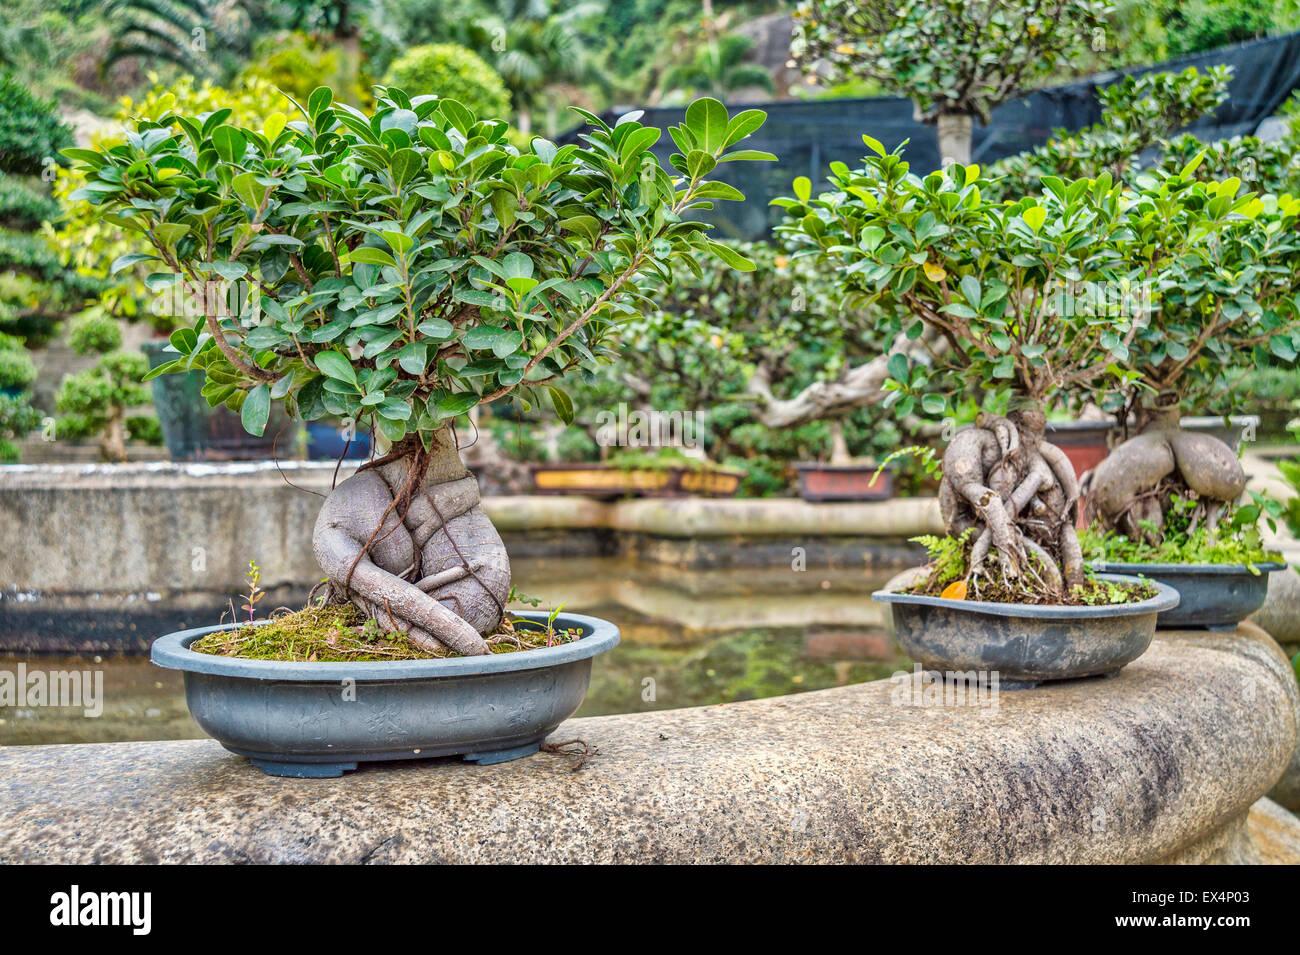 bonsai trees in bonsai garden stockfotos bonsai trees in bonsai garden bilder alamy. Black Bedroom Furniture Sets. Home Design Ideas